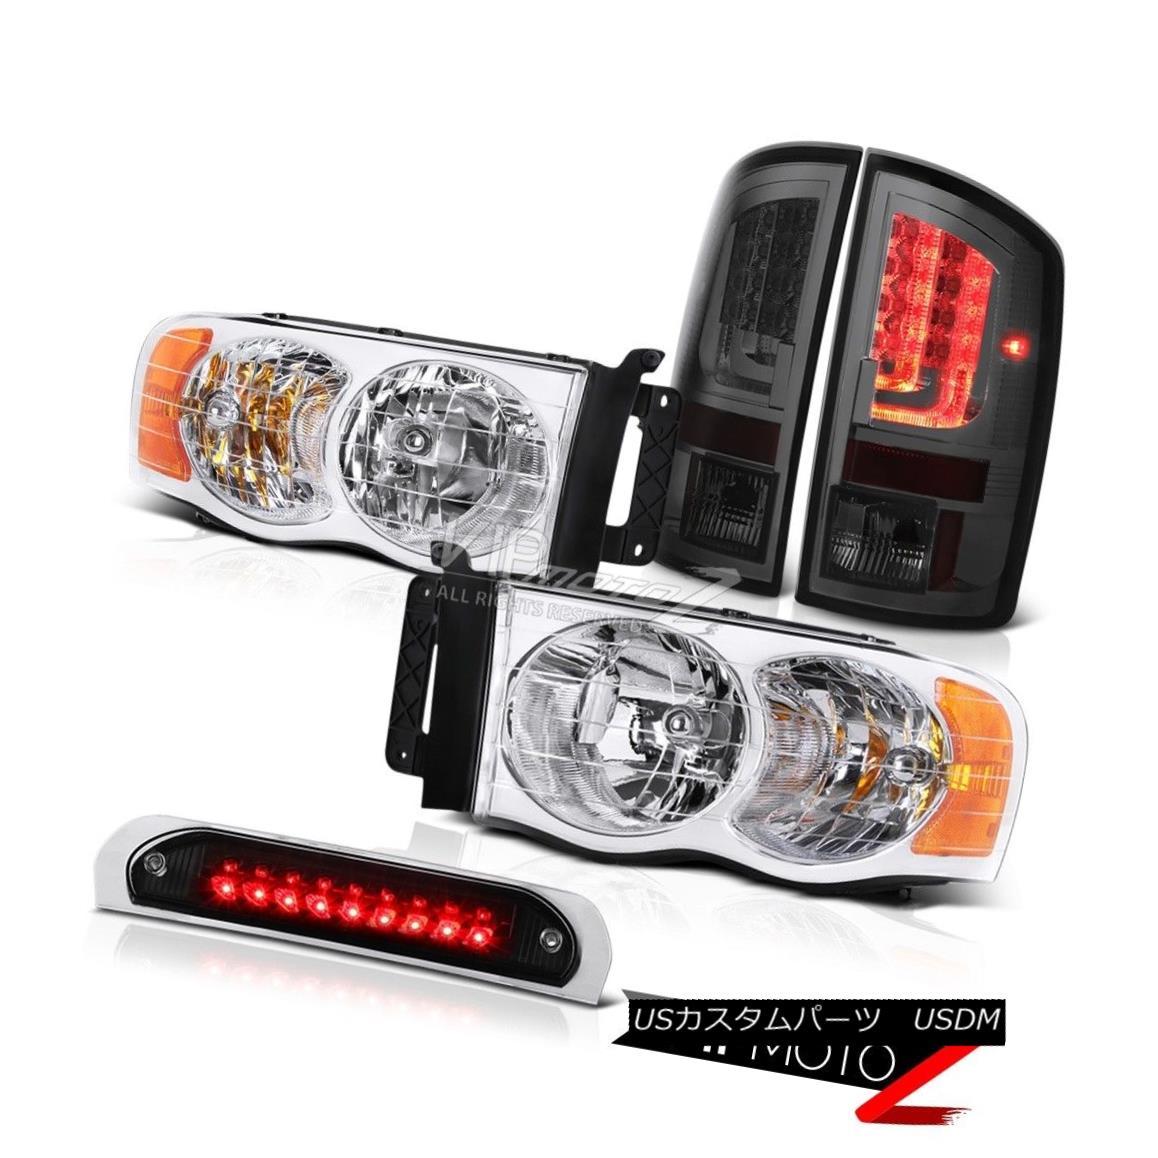 テールライト 02-05 Ram 1500 2500 3500 ST Tail Lamps Matte Black Roof Brake Lamp Headlights 02-05 Ram 1500 2500 3500 STテールランプマットブラックルーフブレーキランプヘッドライト